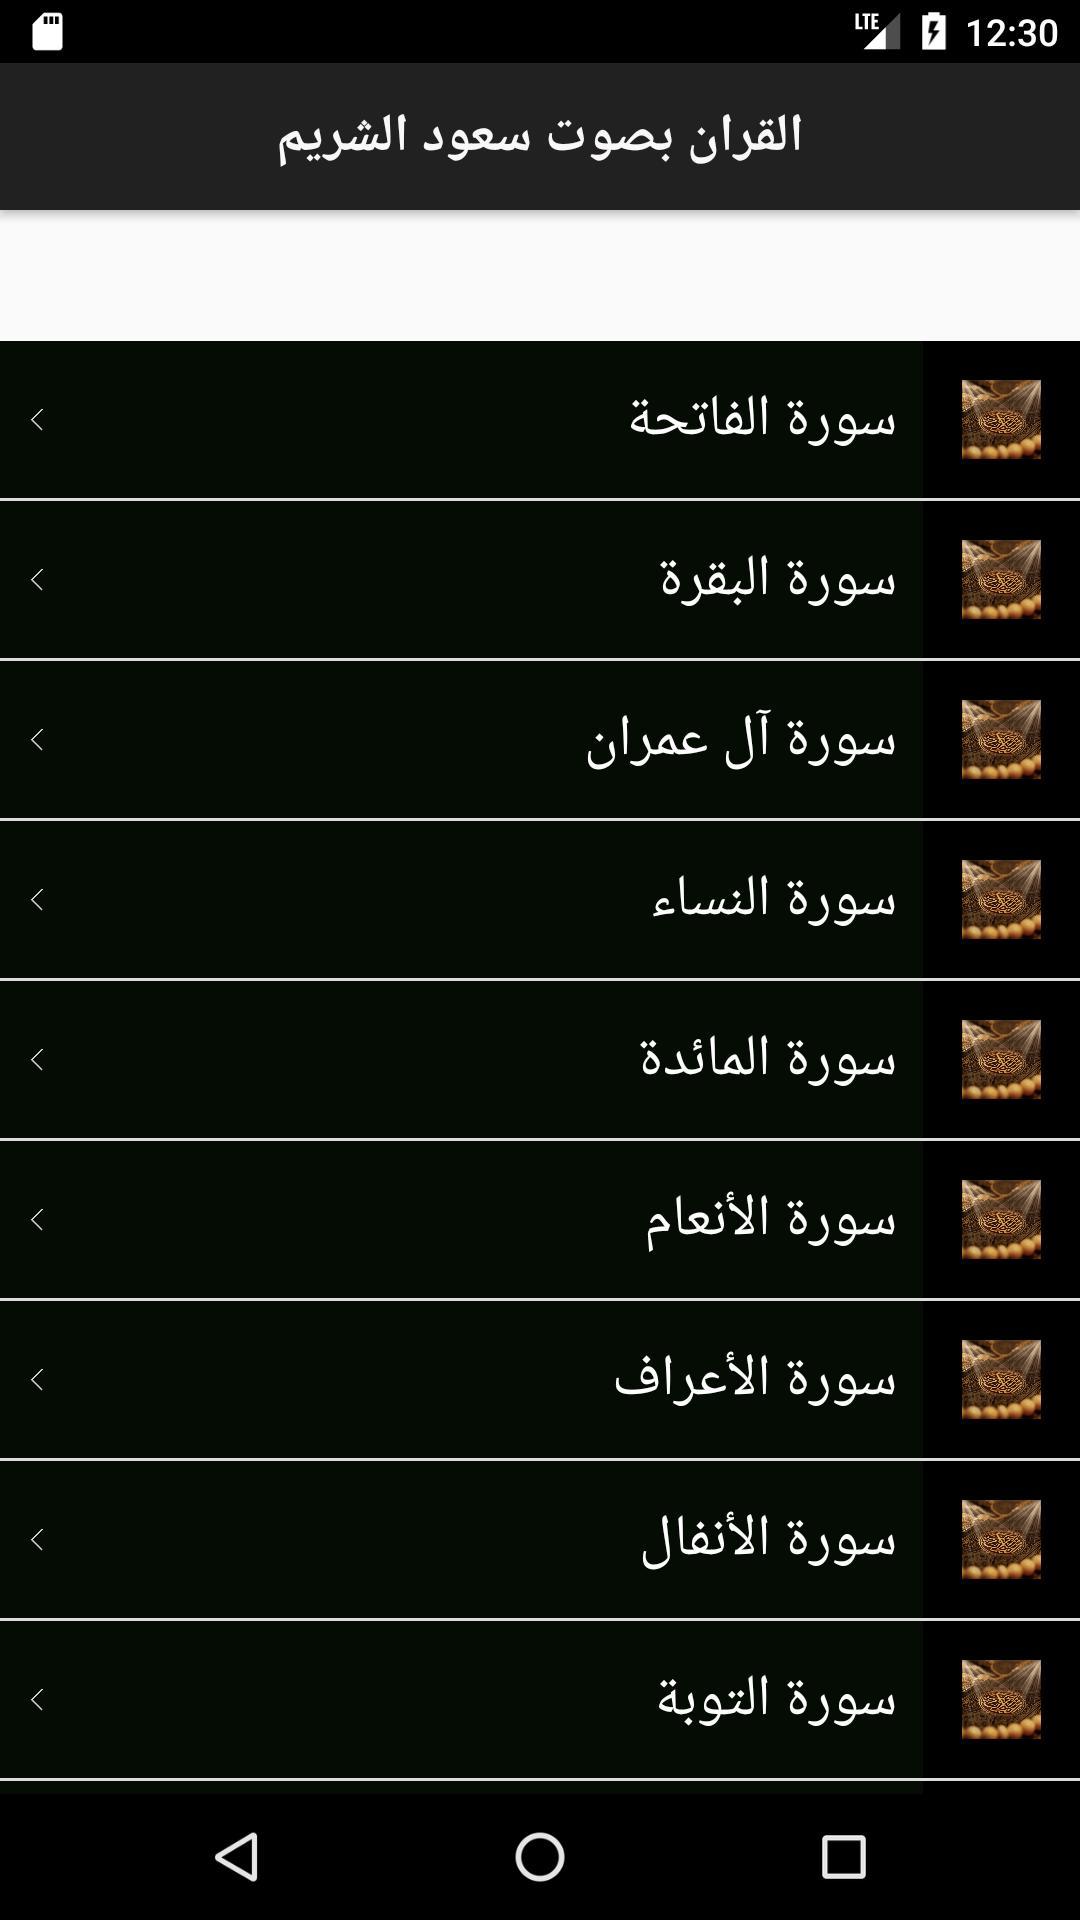 Shuraim Mp3 Quran القرآن الكريم كامل سعود الشريم For Android